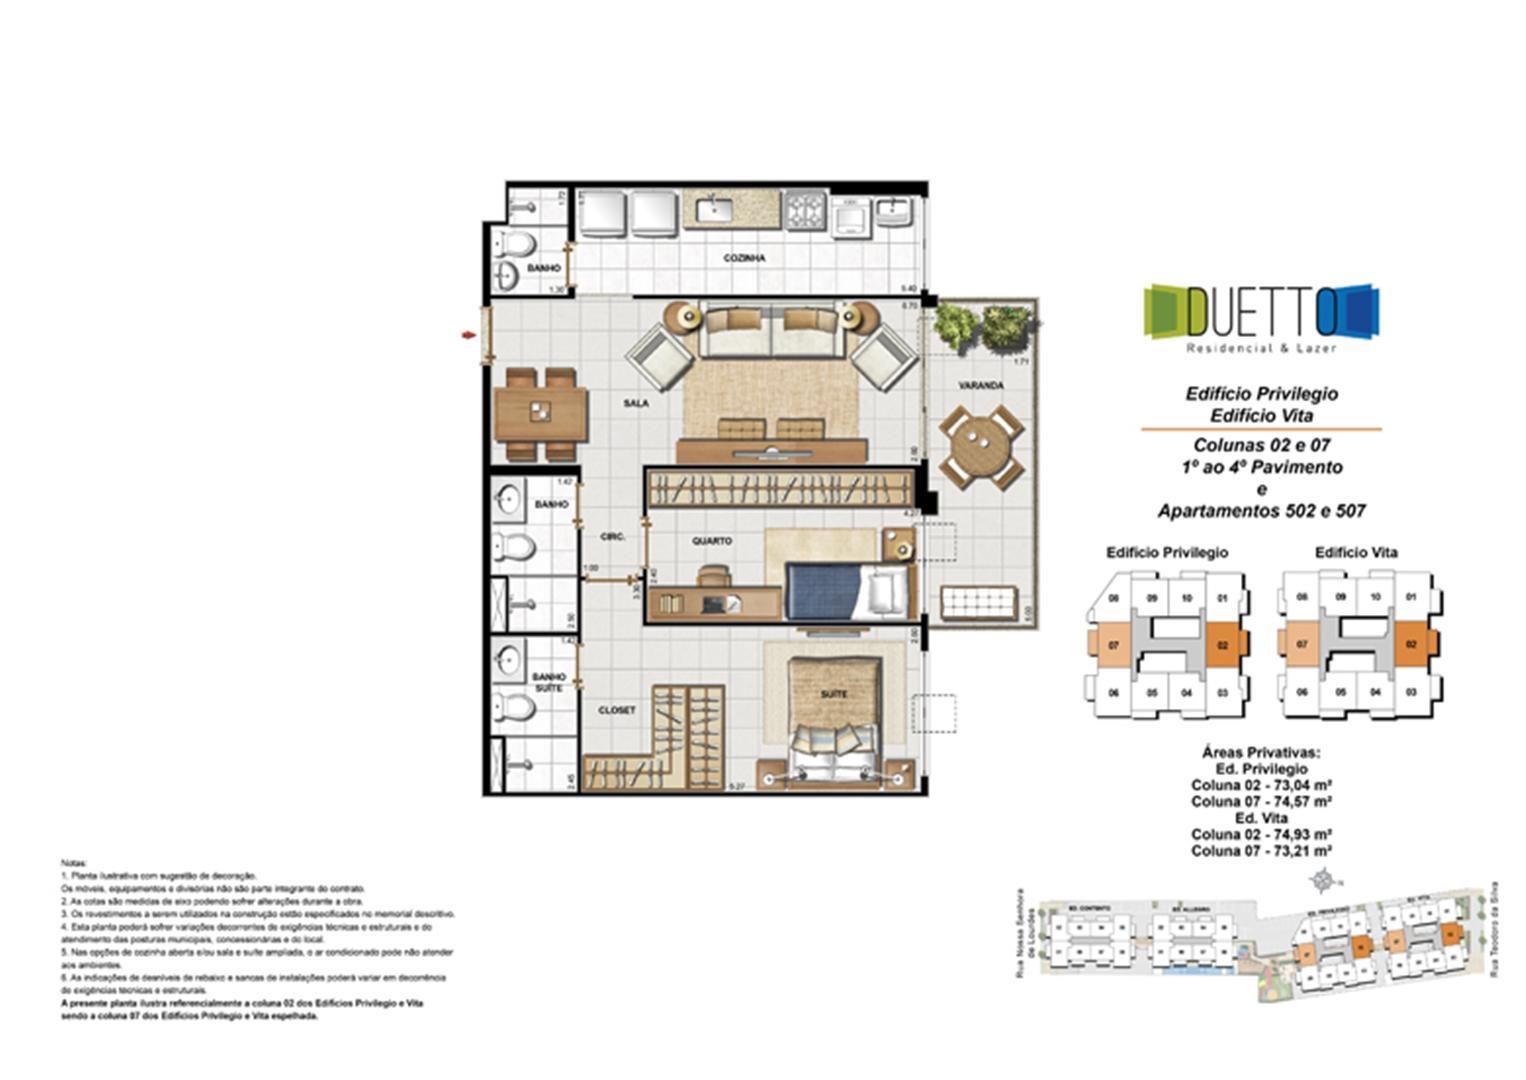 2 Quartos com suíte - 73 a 74m² | Duetto Residencial & Lazer – Apartamento no  Grajaú - Rio de Janeiro - Rio de Janeiro